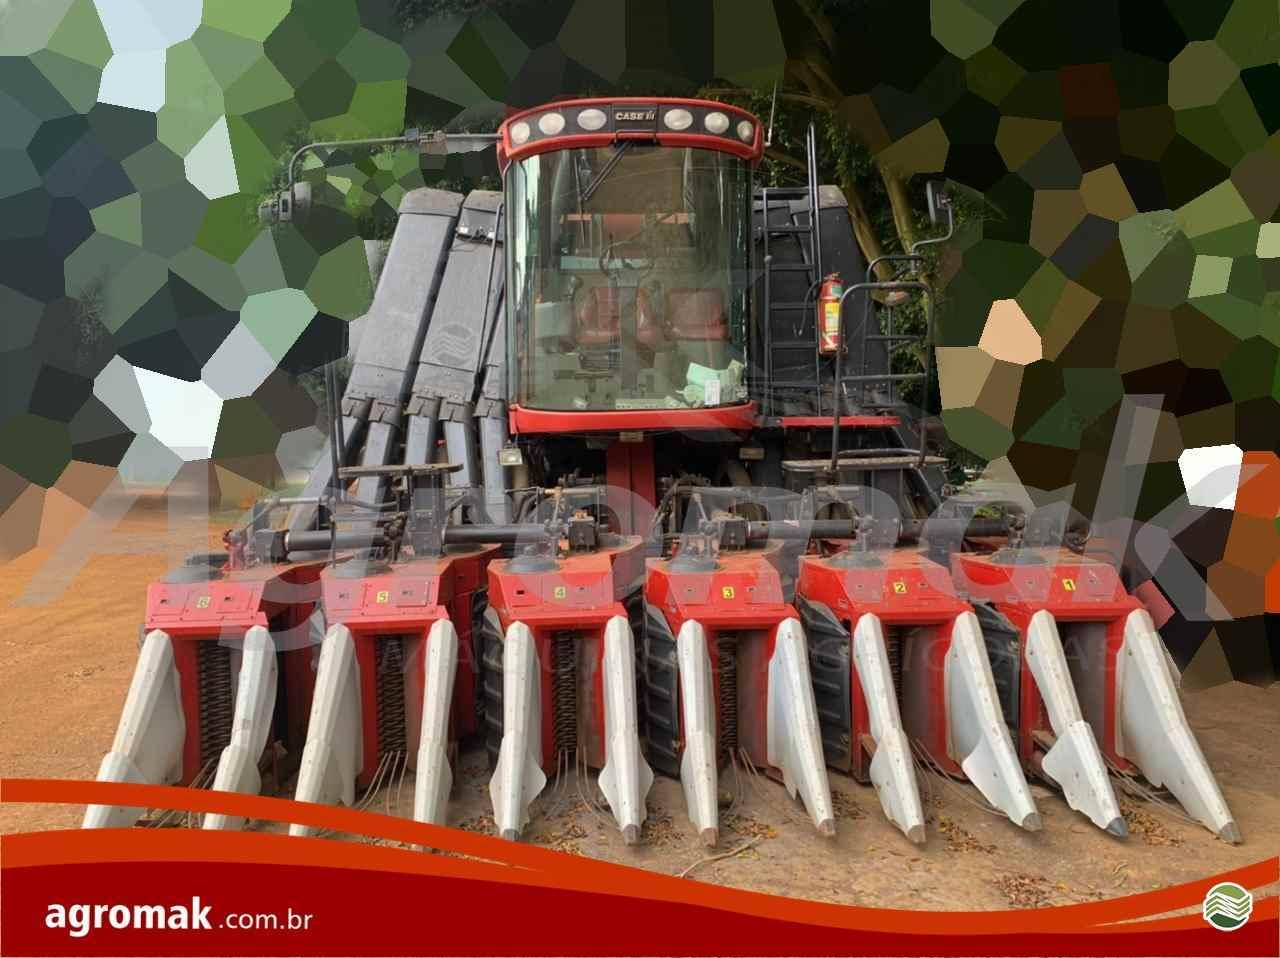 COLHEITADEIRA CASE ALGODAO 635 Agromak Máquinas Agrícolas CAMPO VERDE MATO GROSSO MT